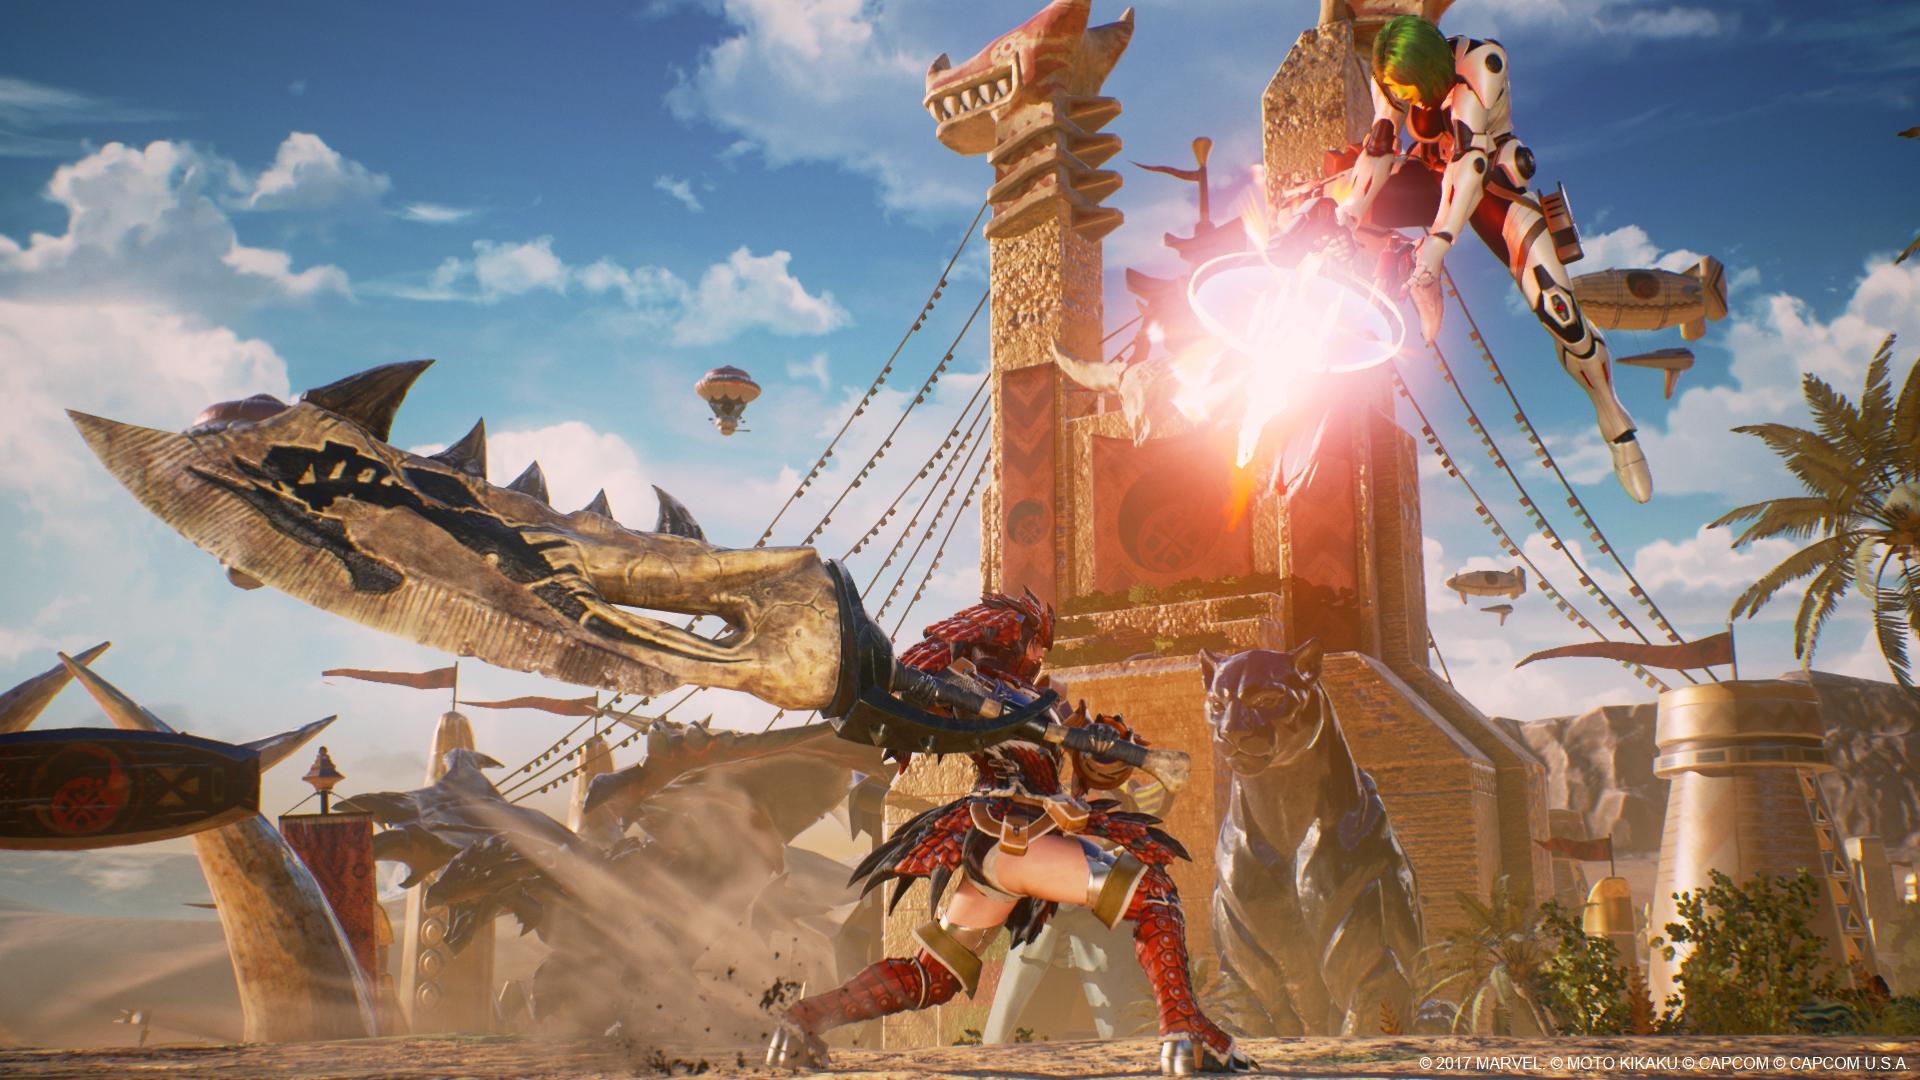 Marvel vs Capcom Infinite Monster Hunrter DLC Screen 6